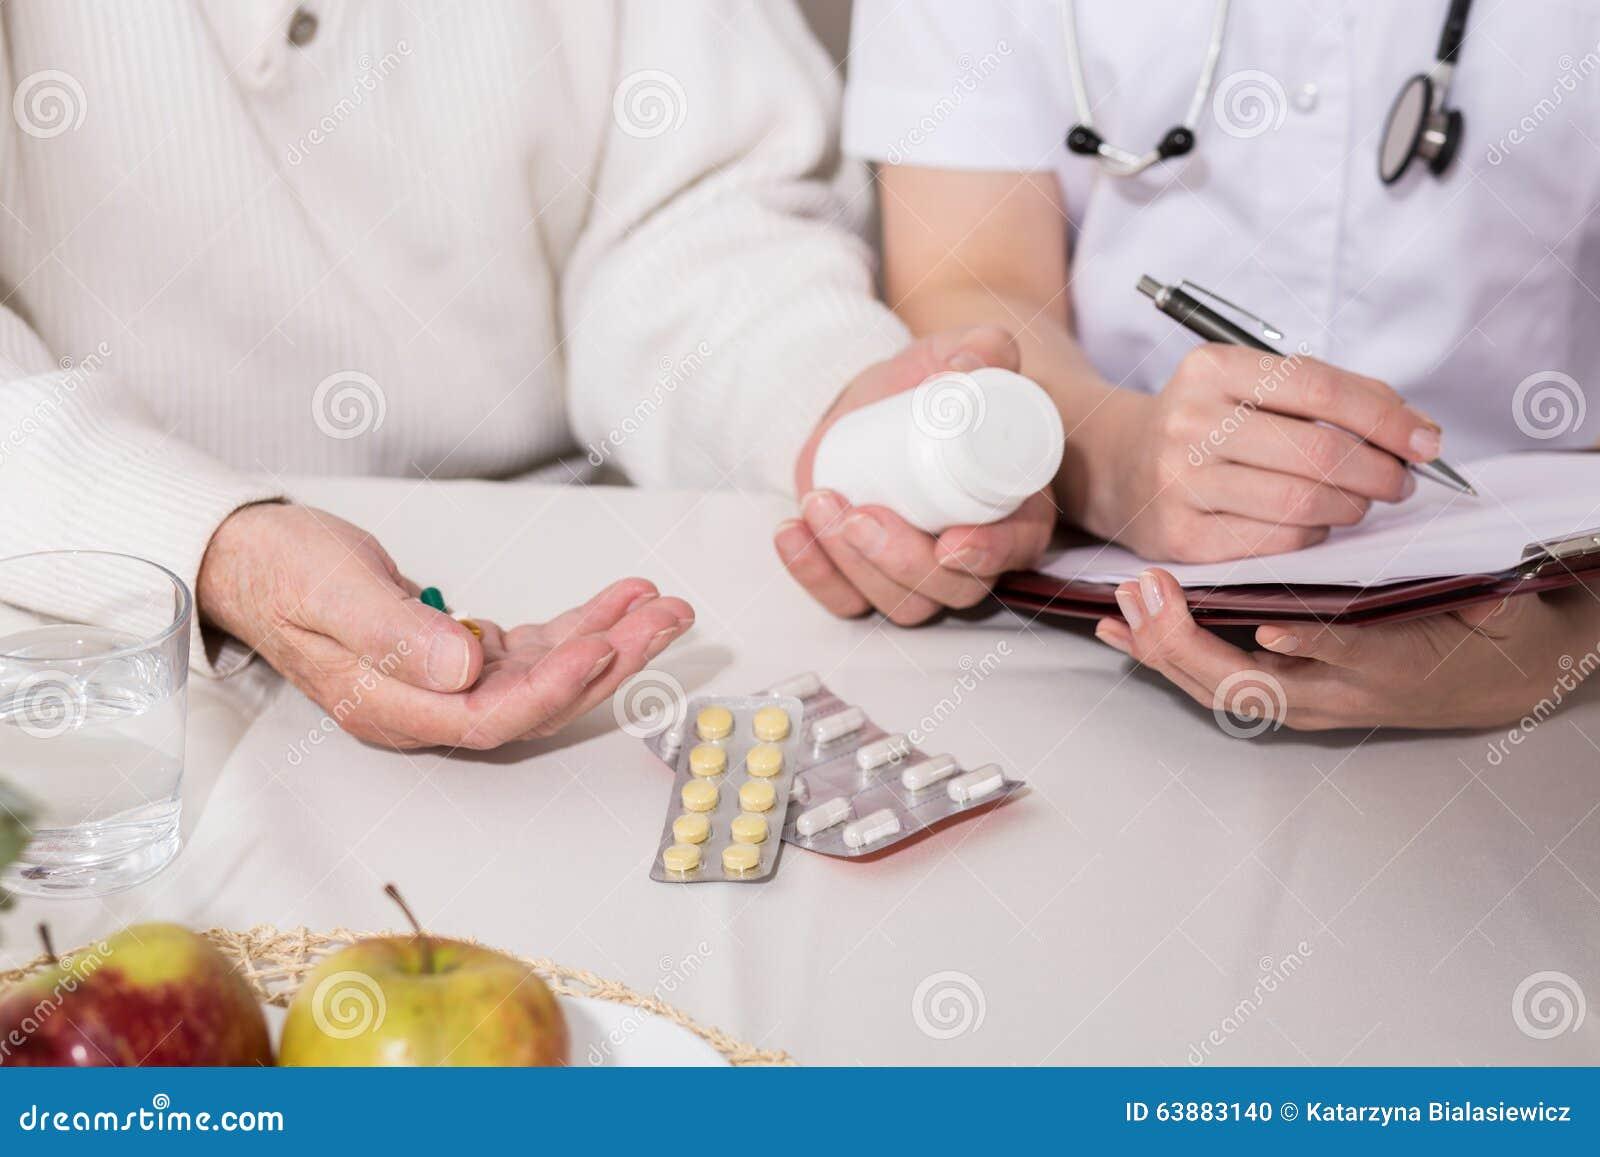 Starsze osoby obsługują brać środek przeciwbólowego